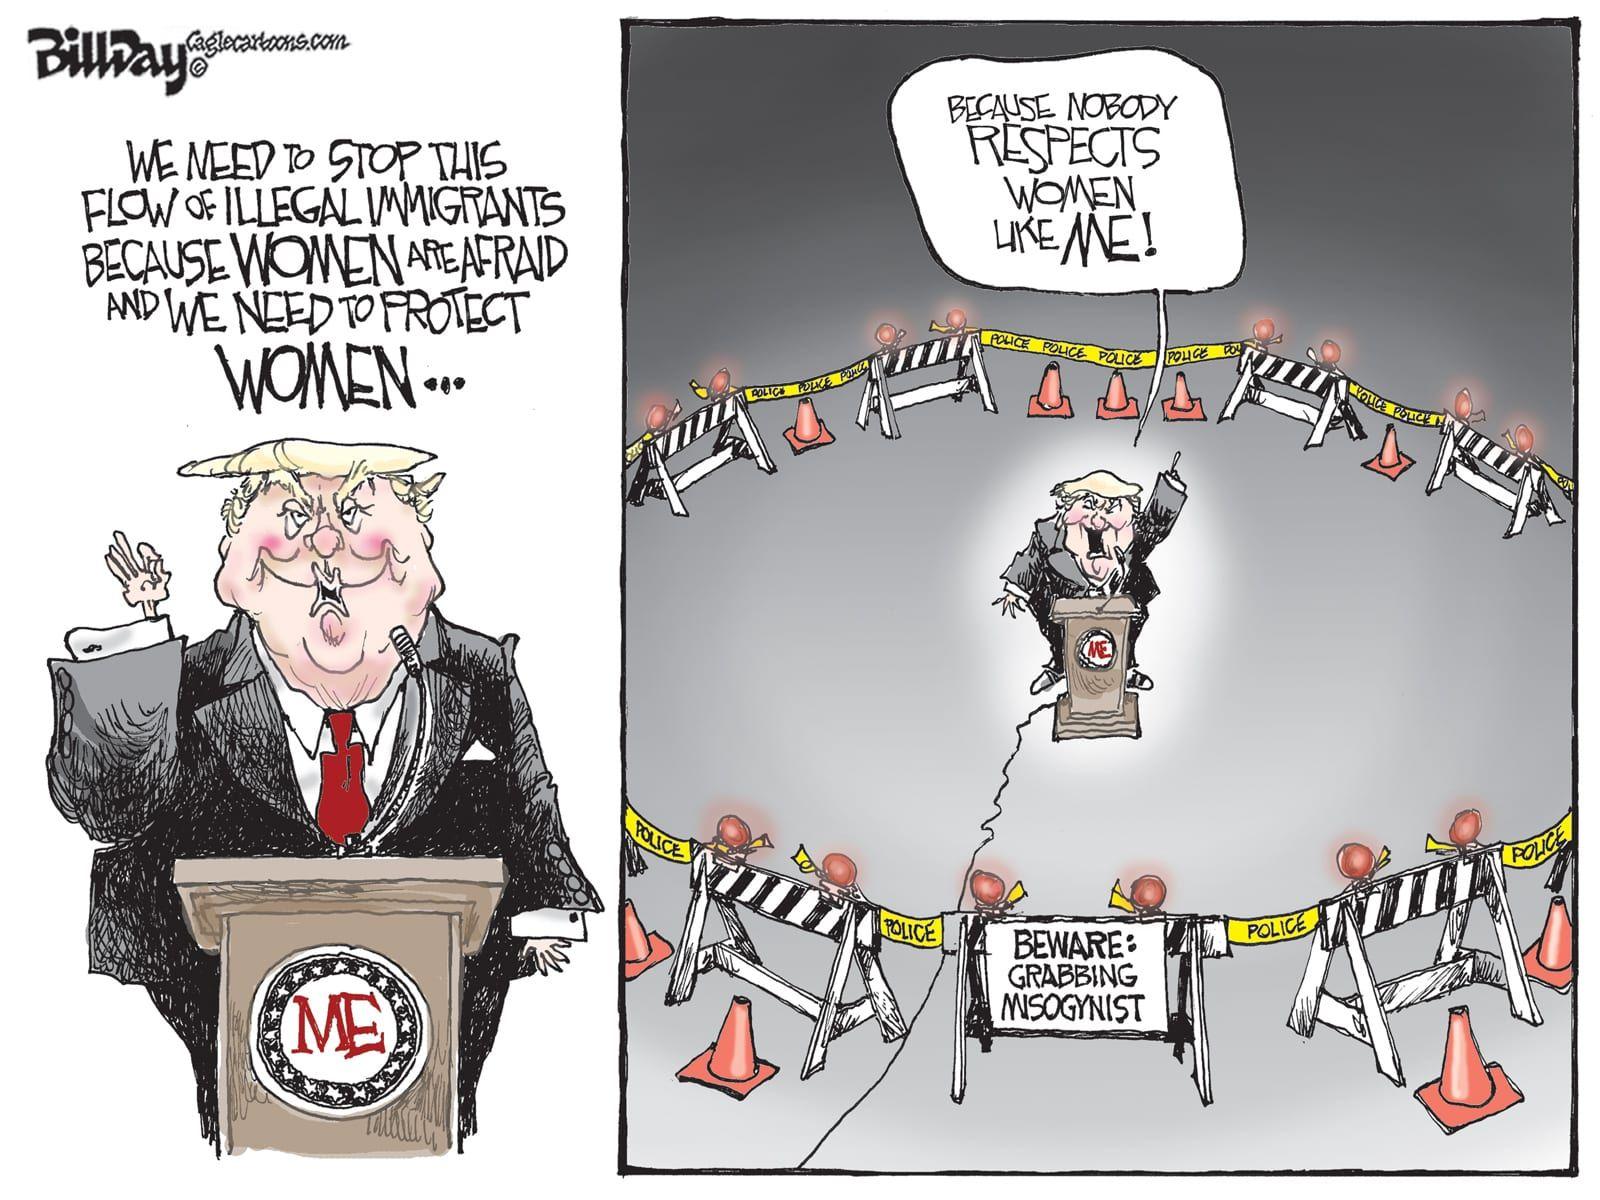 Editorial Cartoon: Respecter | Progressive and Proud | Funny